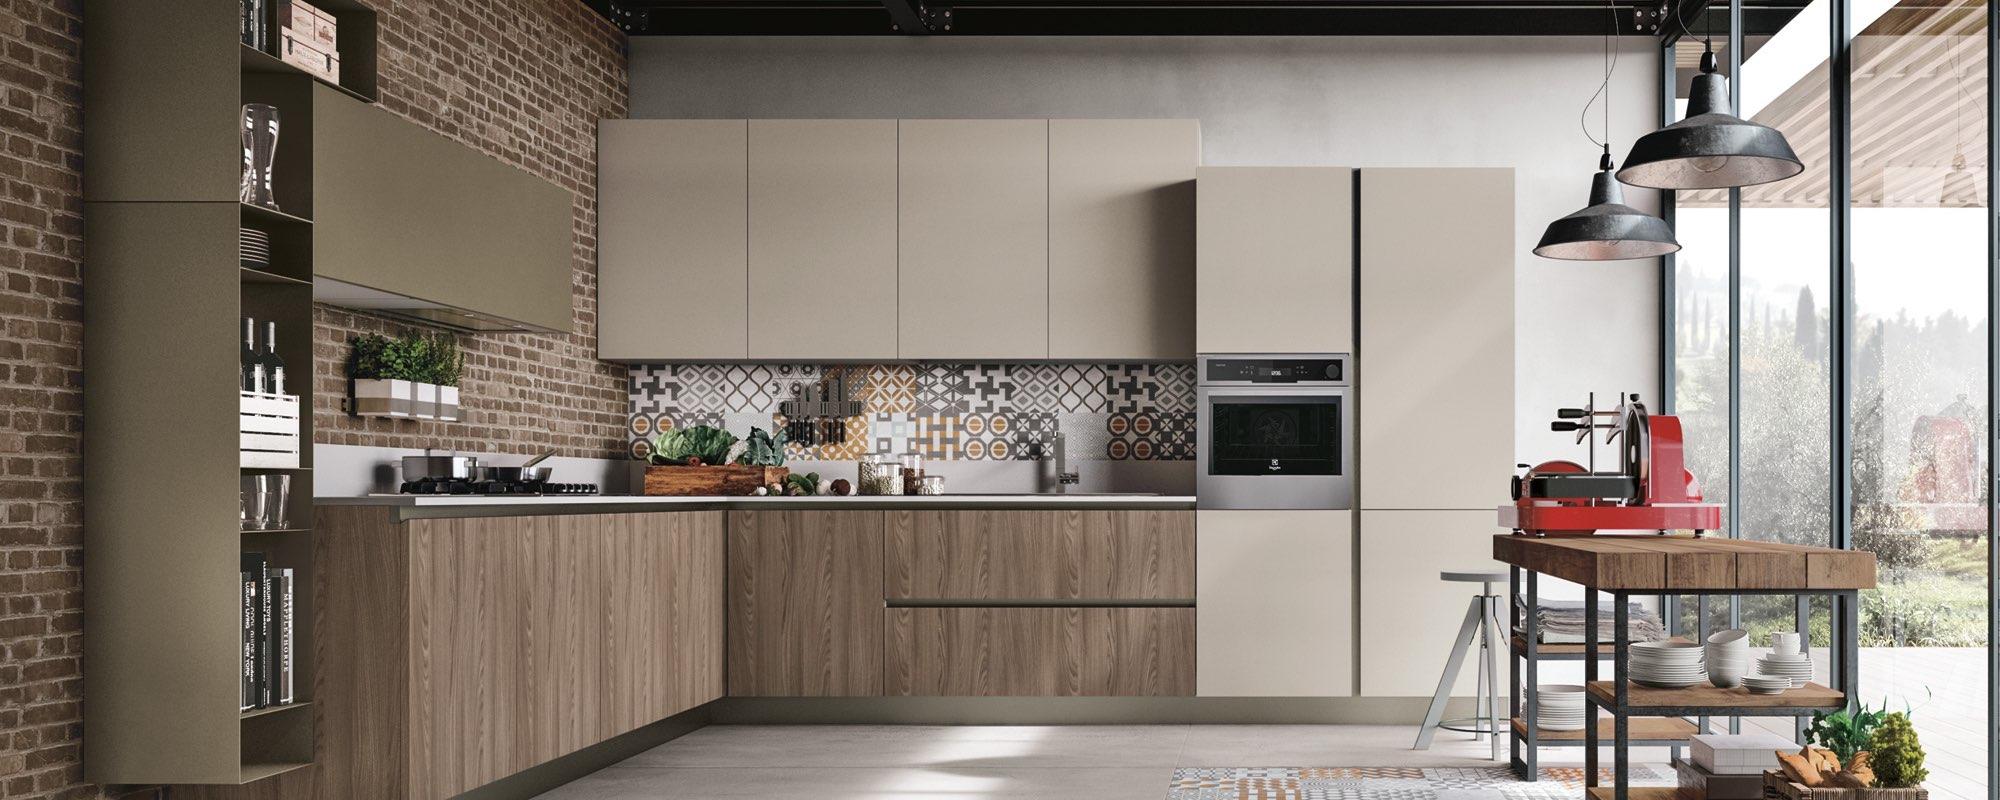 cucina con mobili in legno e stile moderno